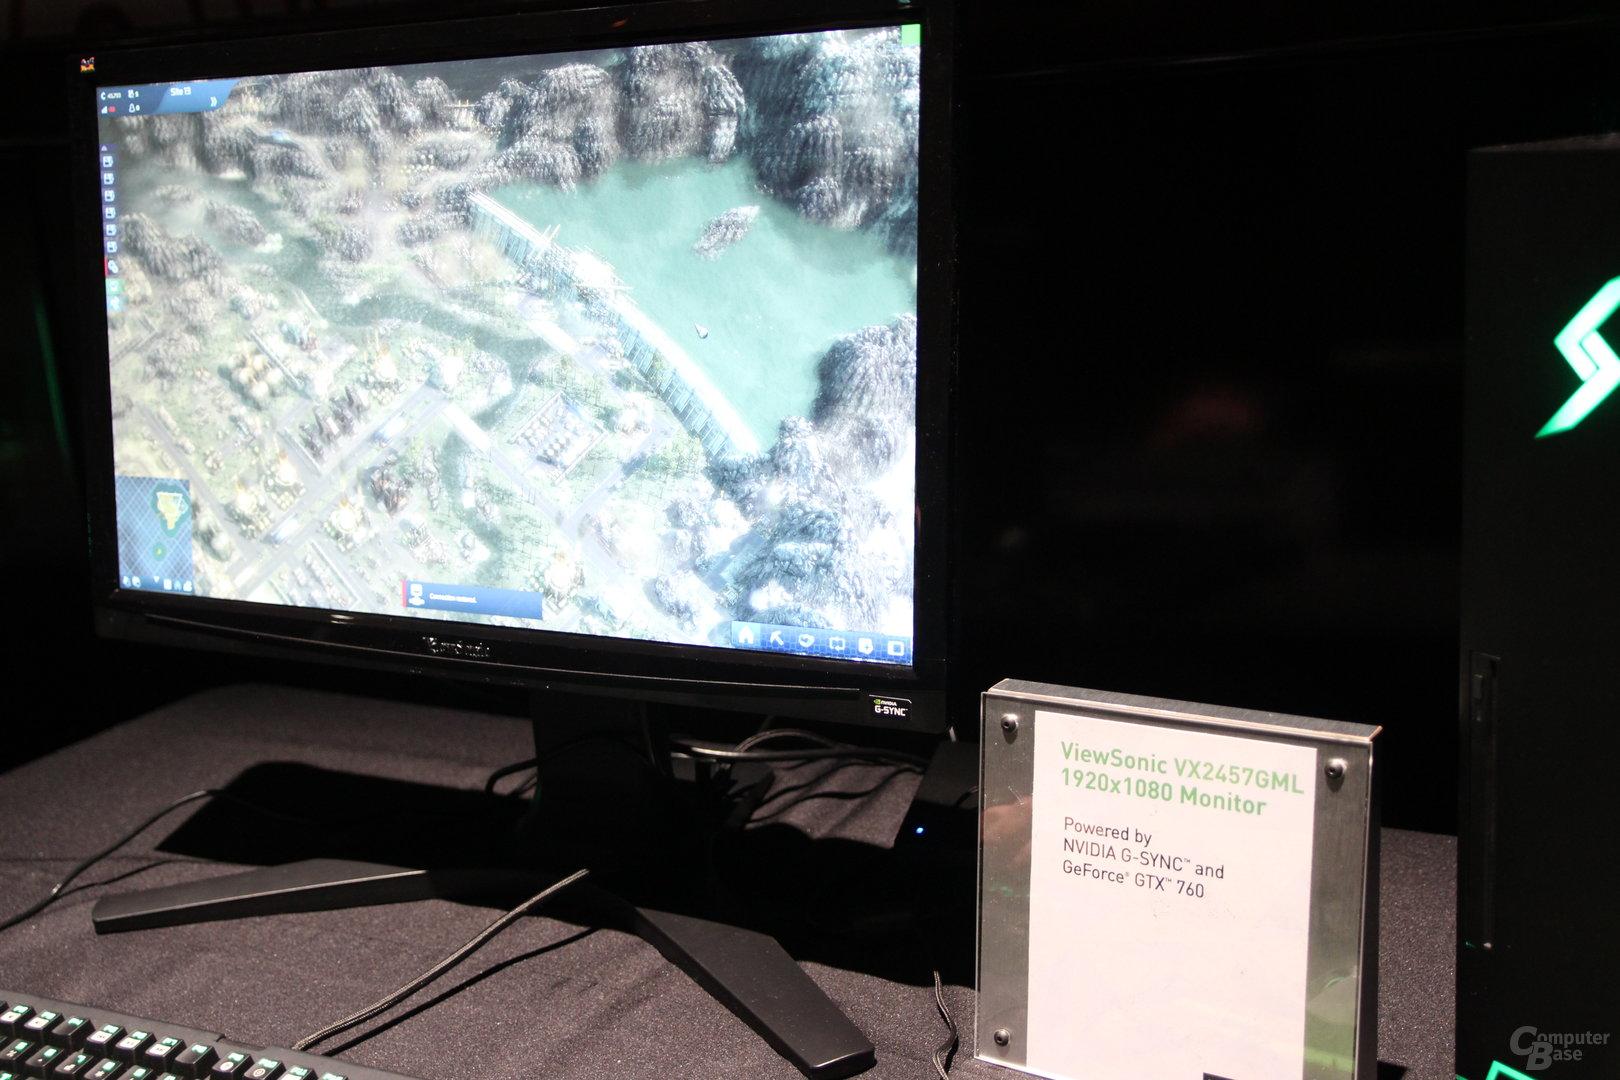 ViewSonic-Monitor mit Nvidias G-Sync